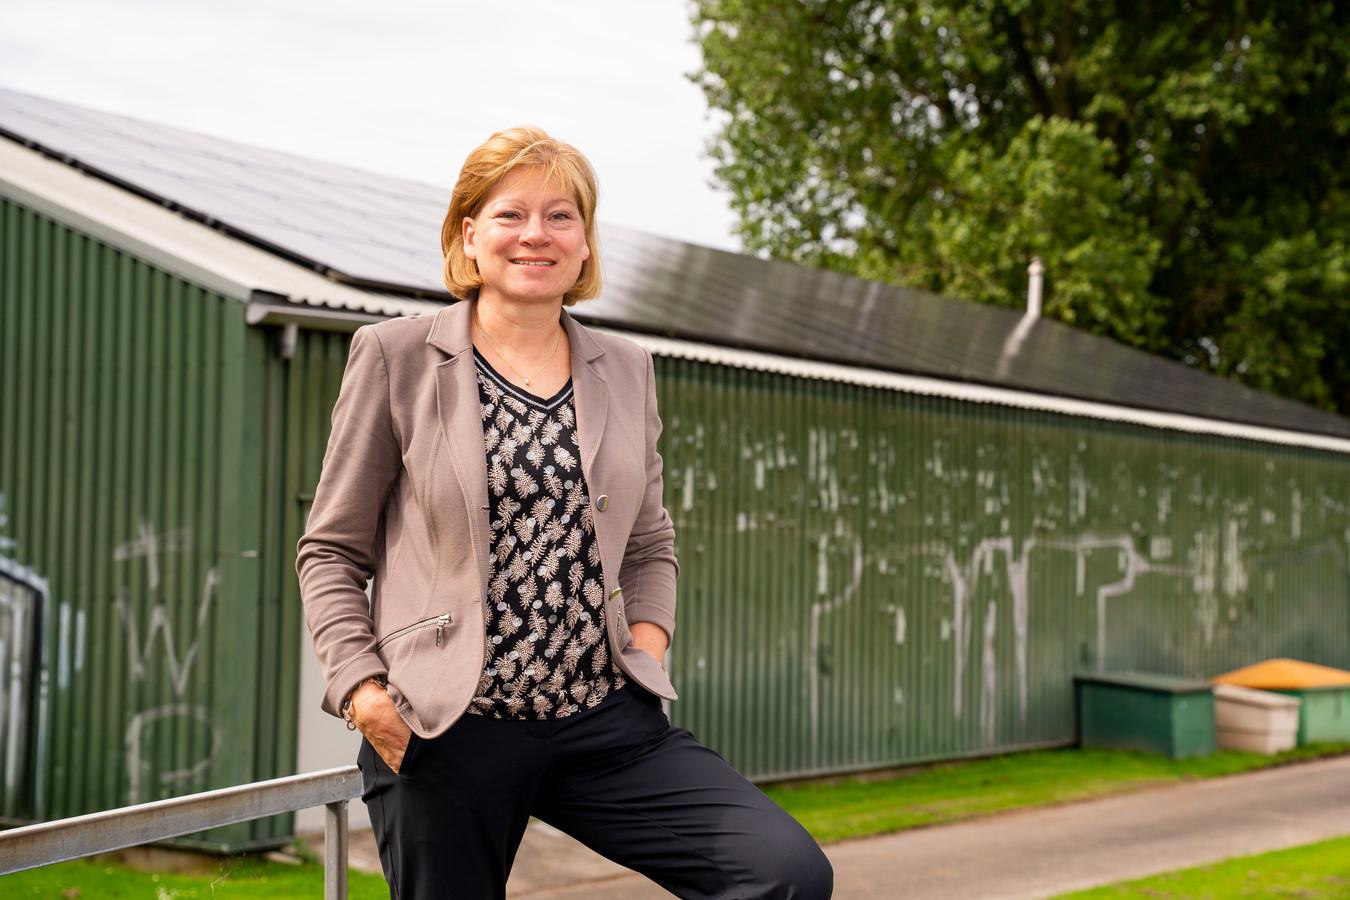 Jacqueline van Dongen bij de Honk- en Softbalvereniging Zwijndrecht, met op het dak 88 zonnepanelen.